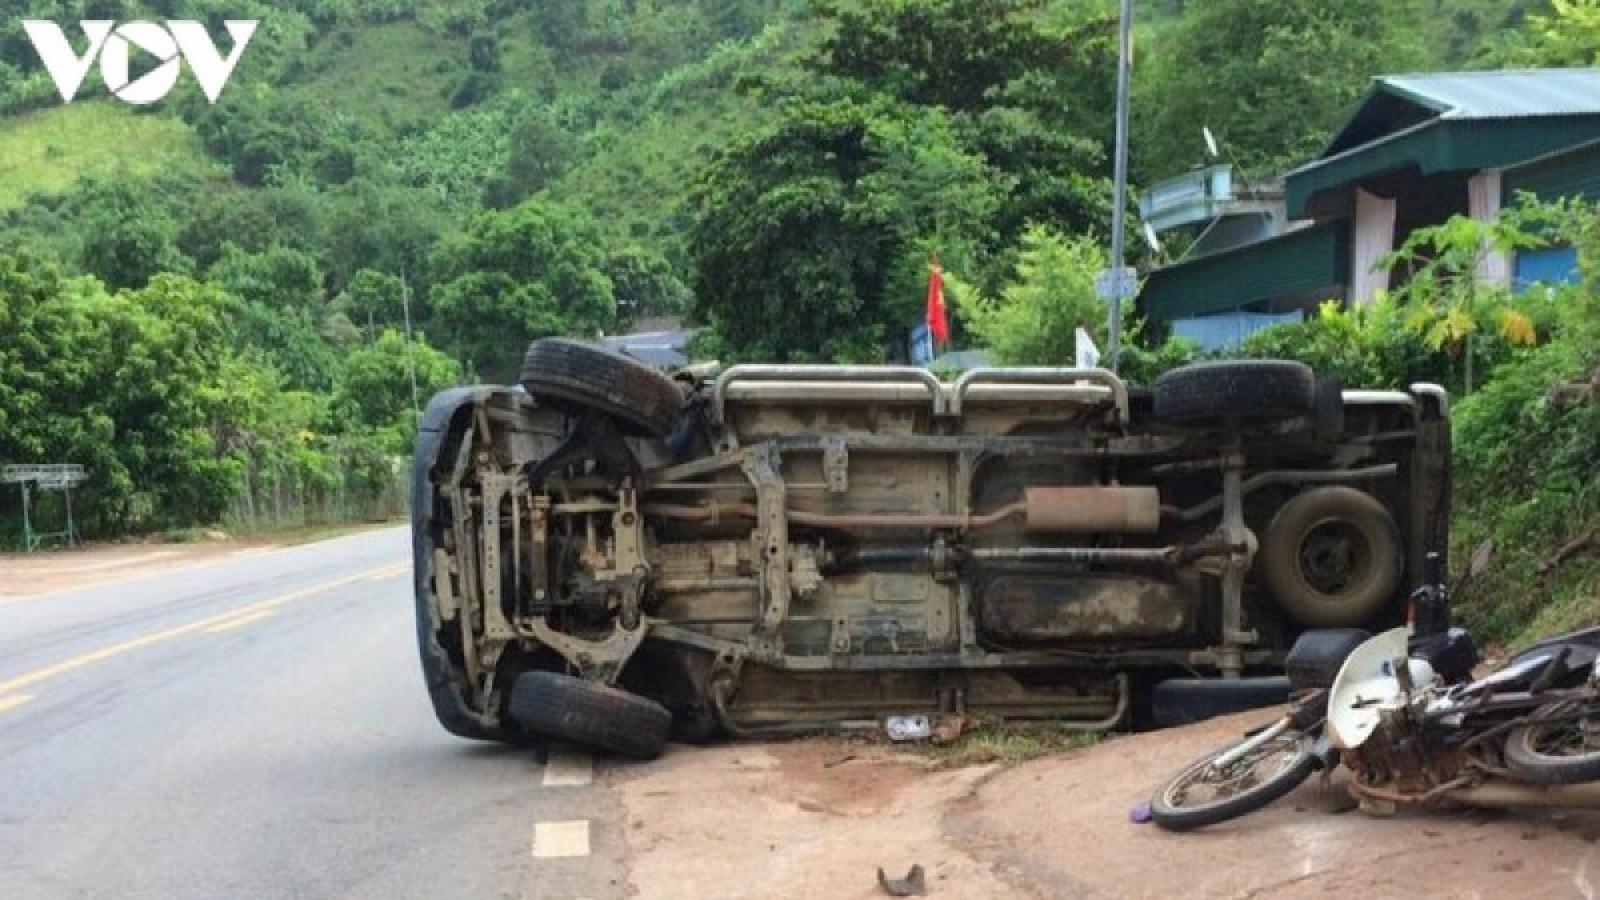 8 trường hợp chủ xe không được bảo hiểm bồi thường thiệt hại